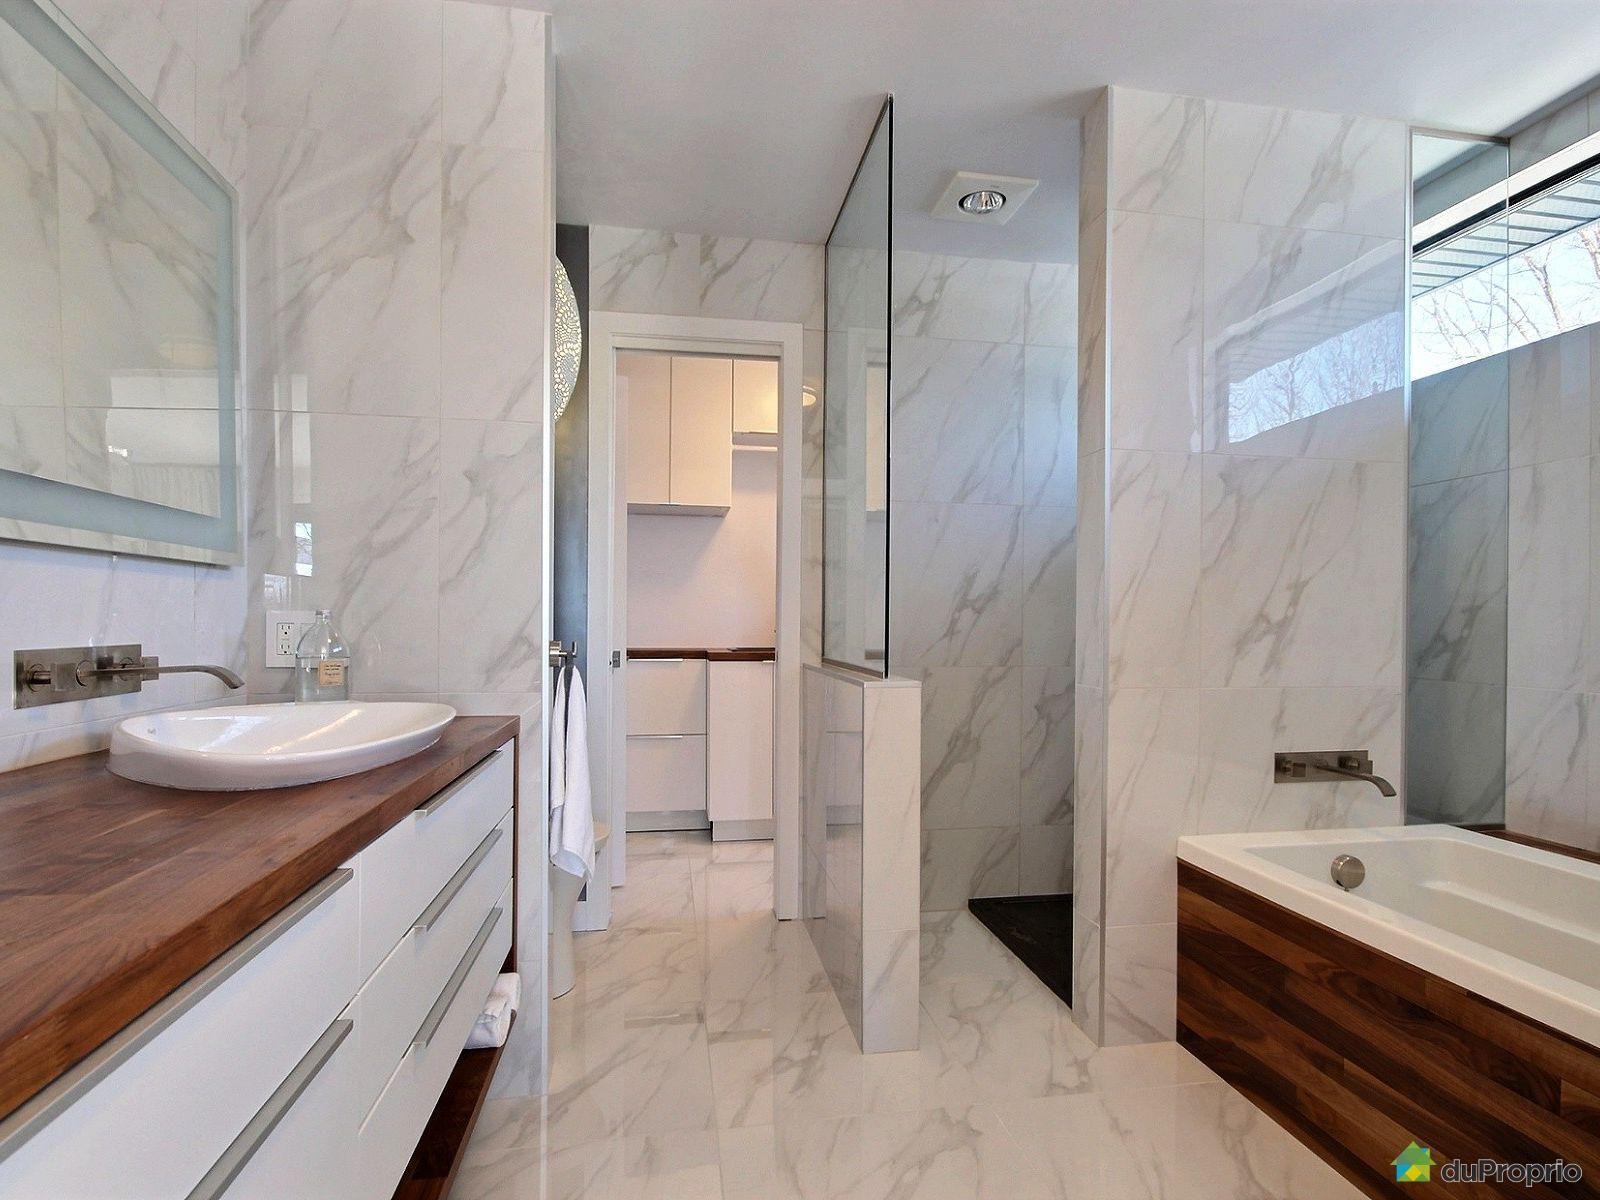 Aquarine Salle De Bain ~ une salle de bain en marbre blanc magnifique ces ajout de bois sur